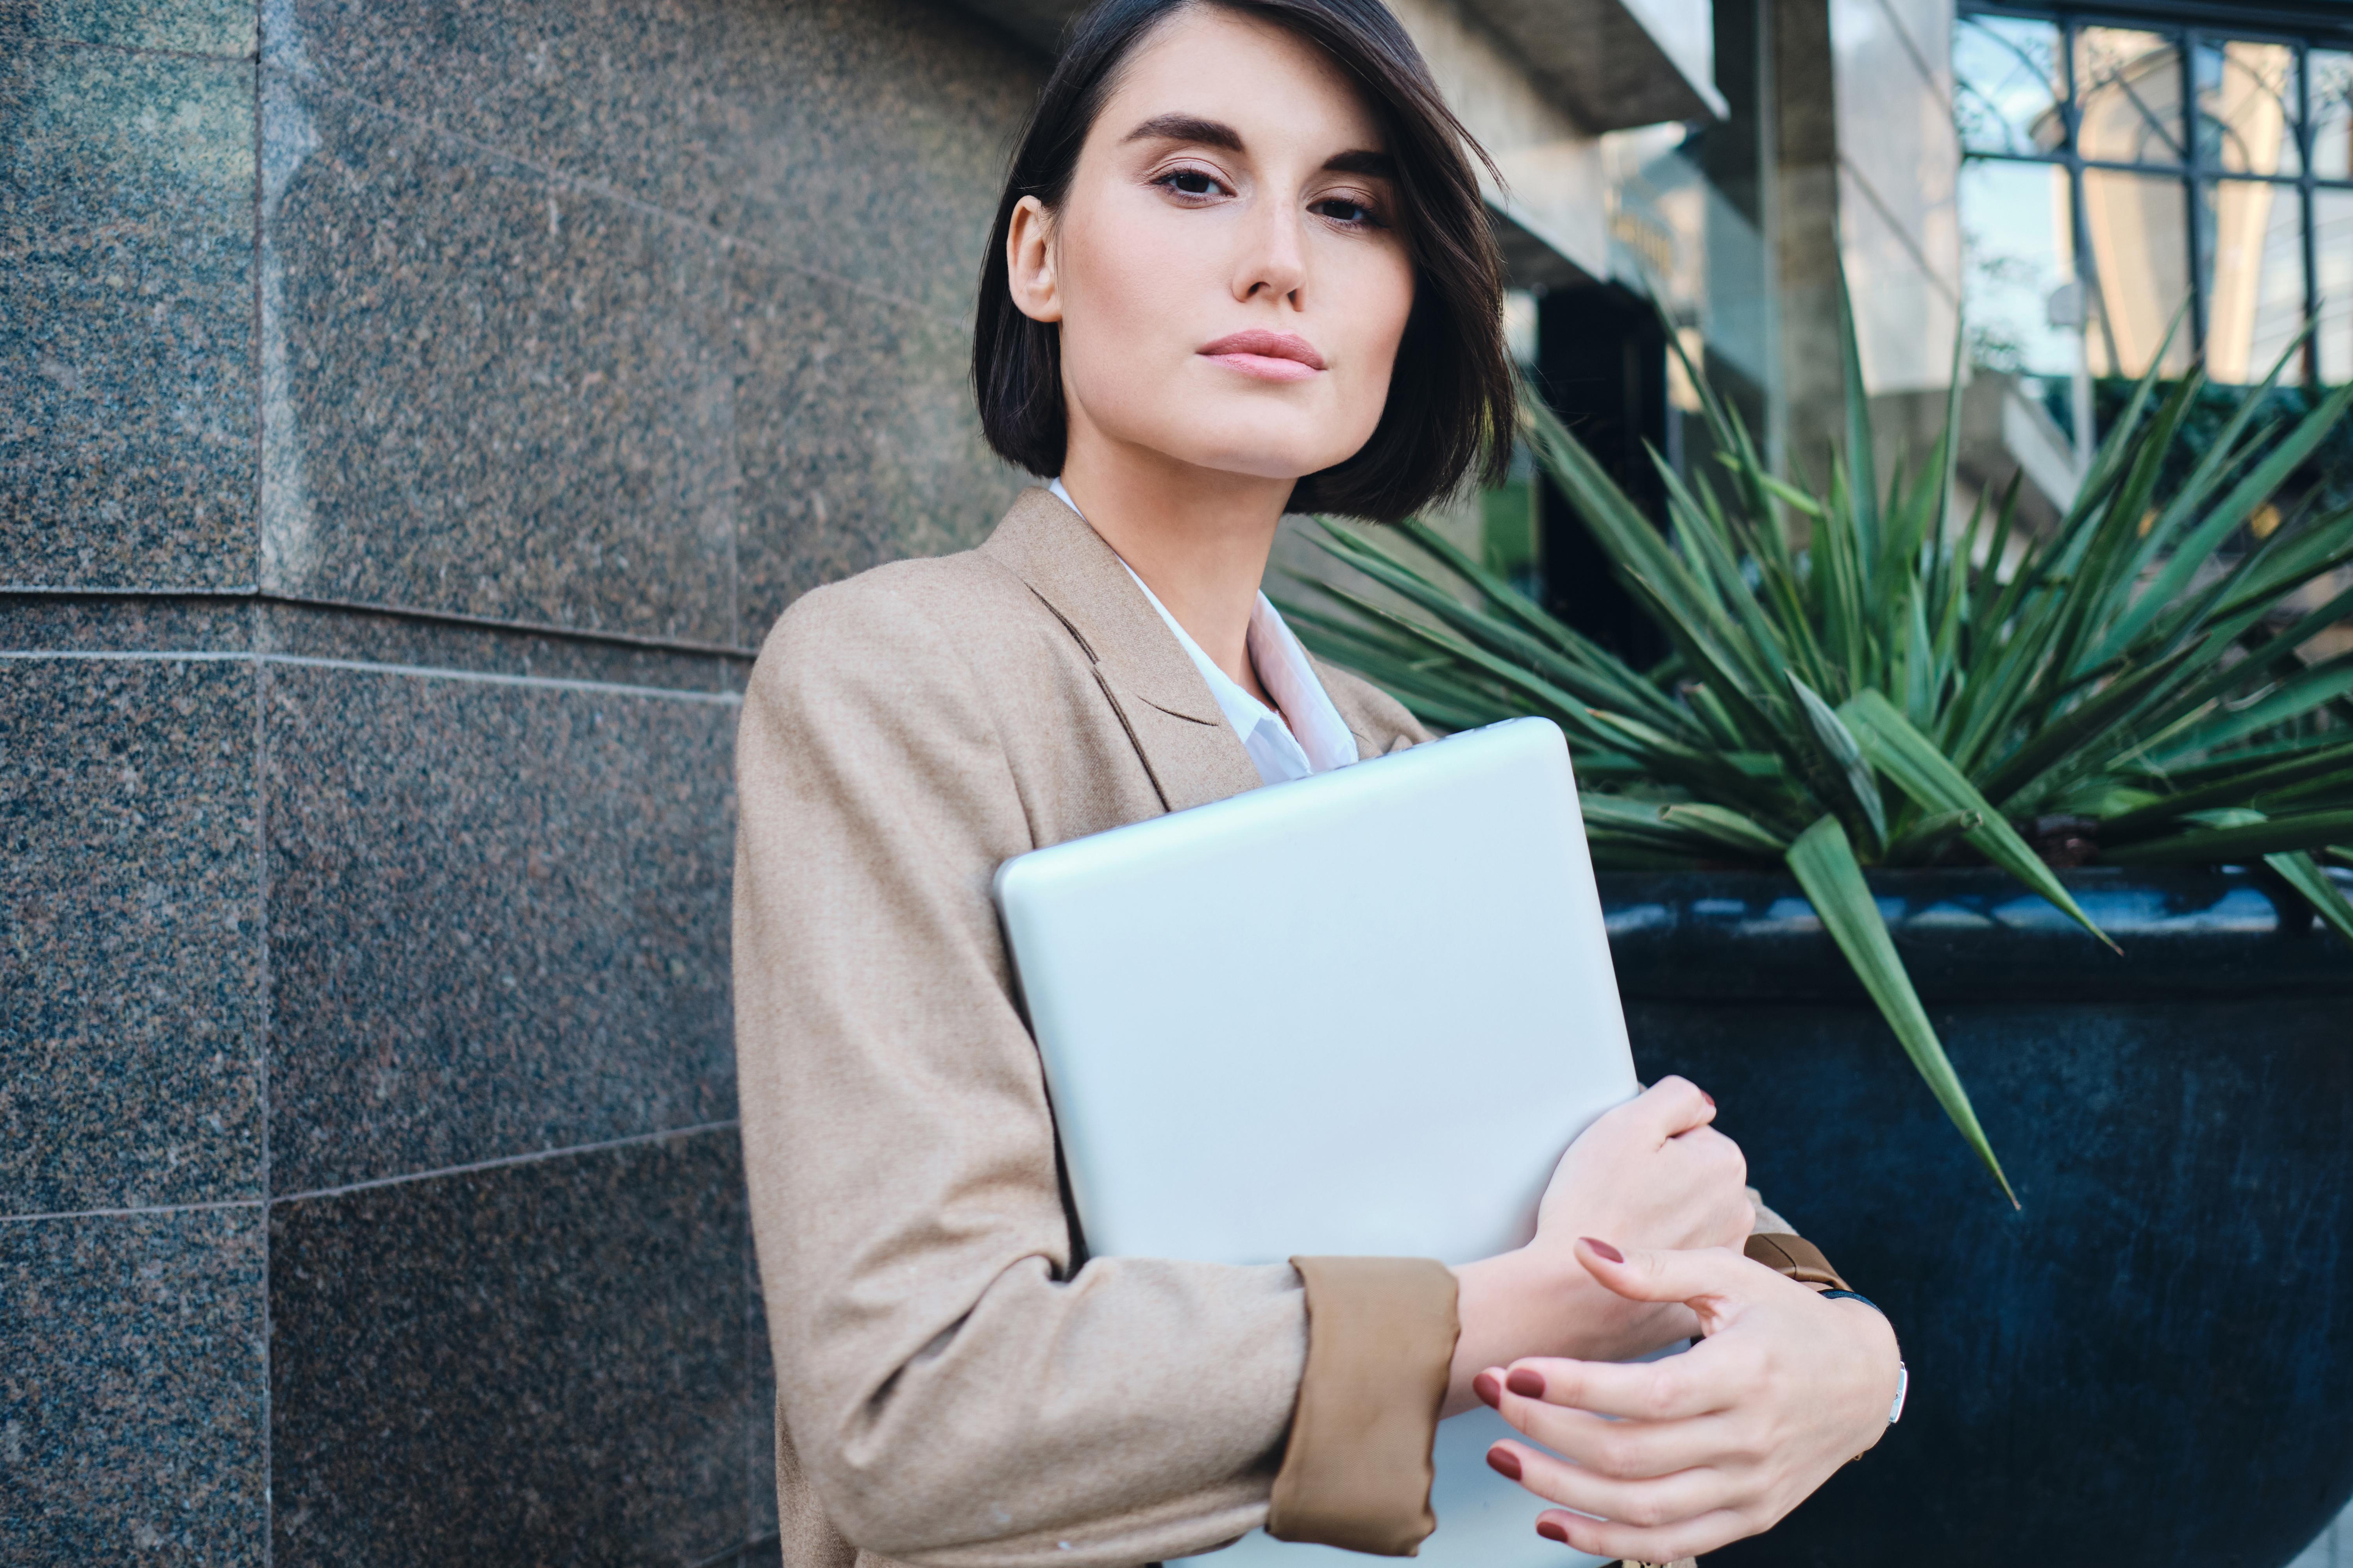 סטיילינג לנשות עסקים